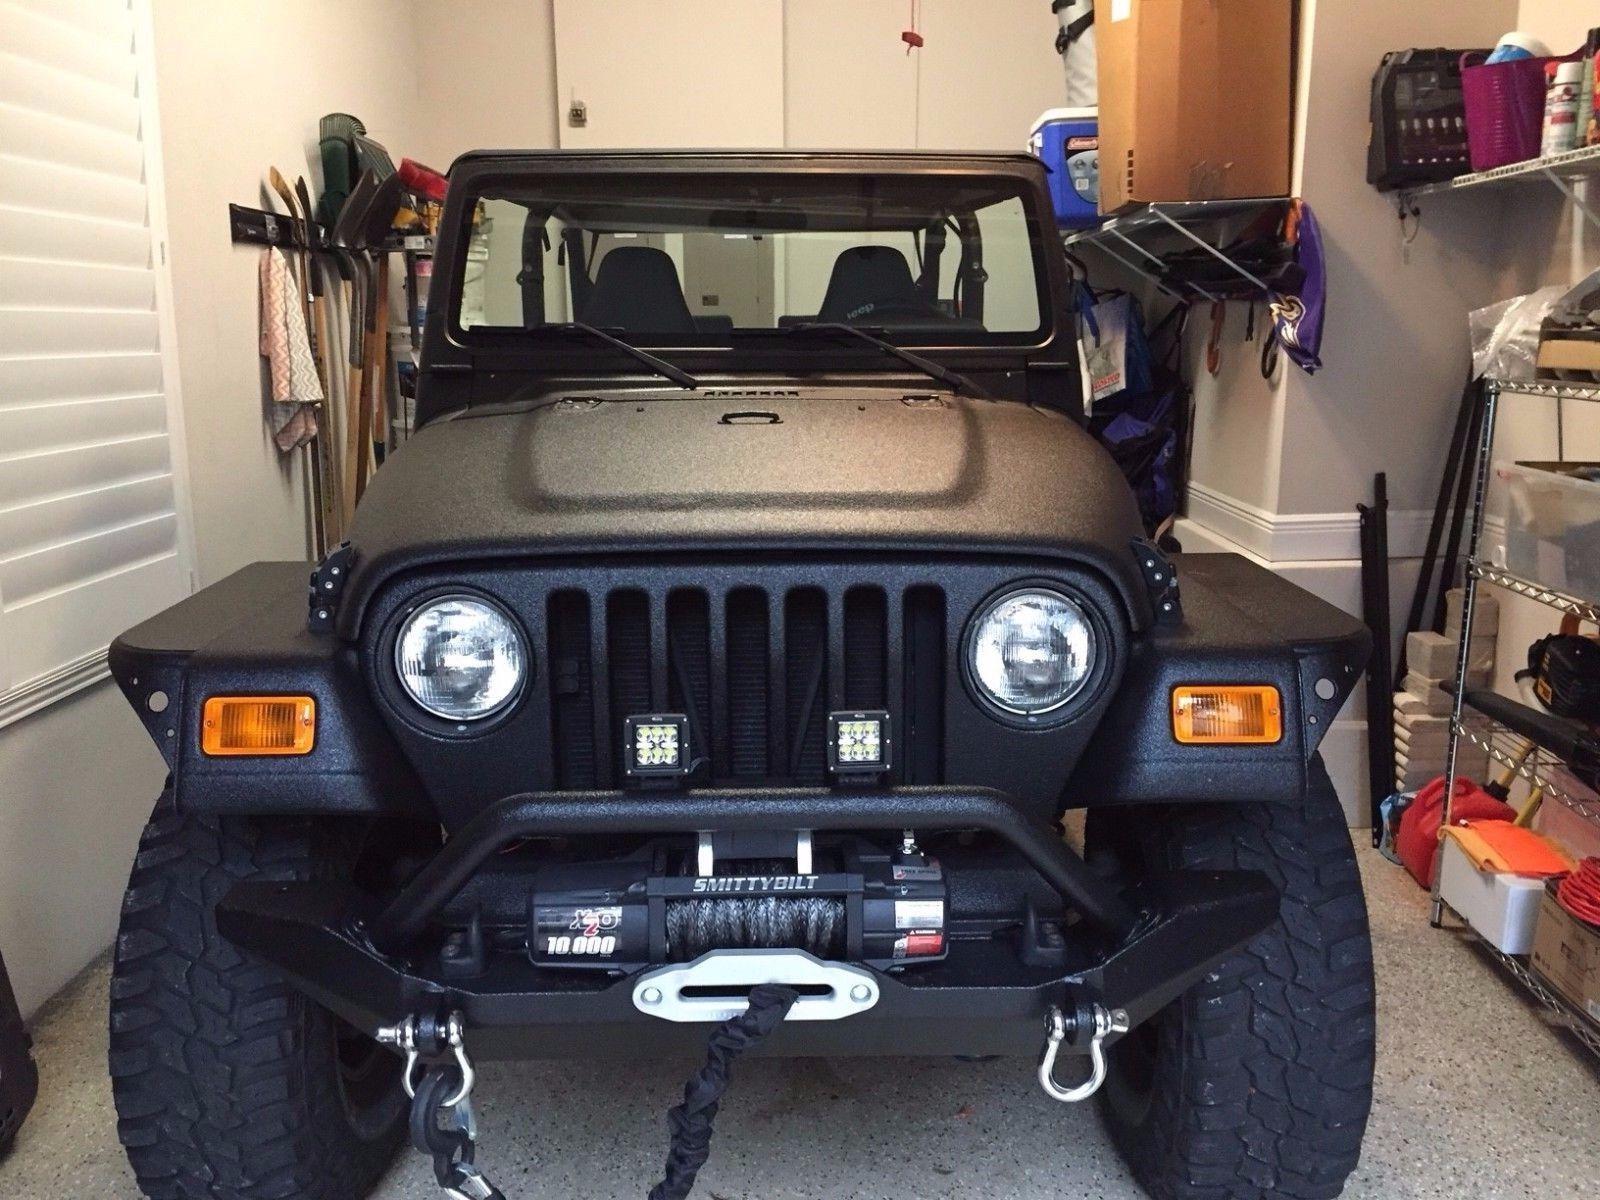 Ebay 1998 Jeep Wrangler 2 Door Jeep Wrangler Tj Jeep Jeeplife Accesorios Para Jeep Y Accesorios